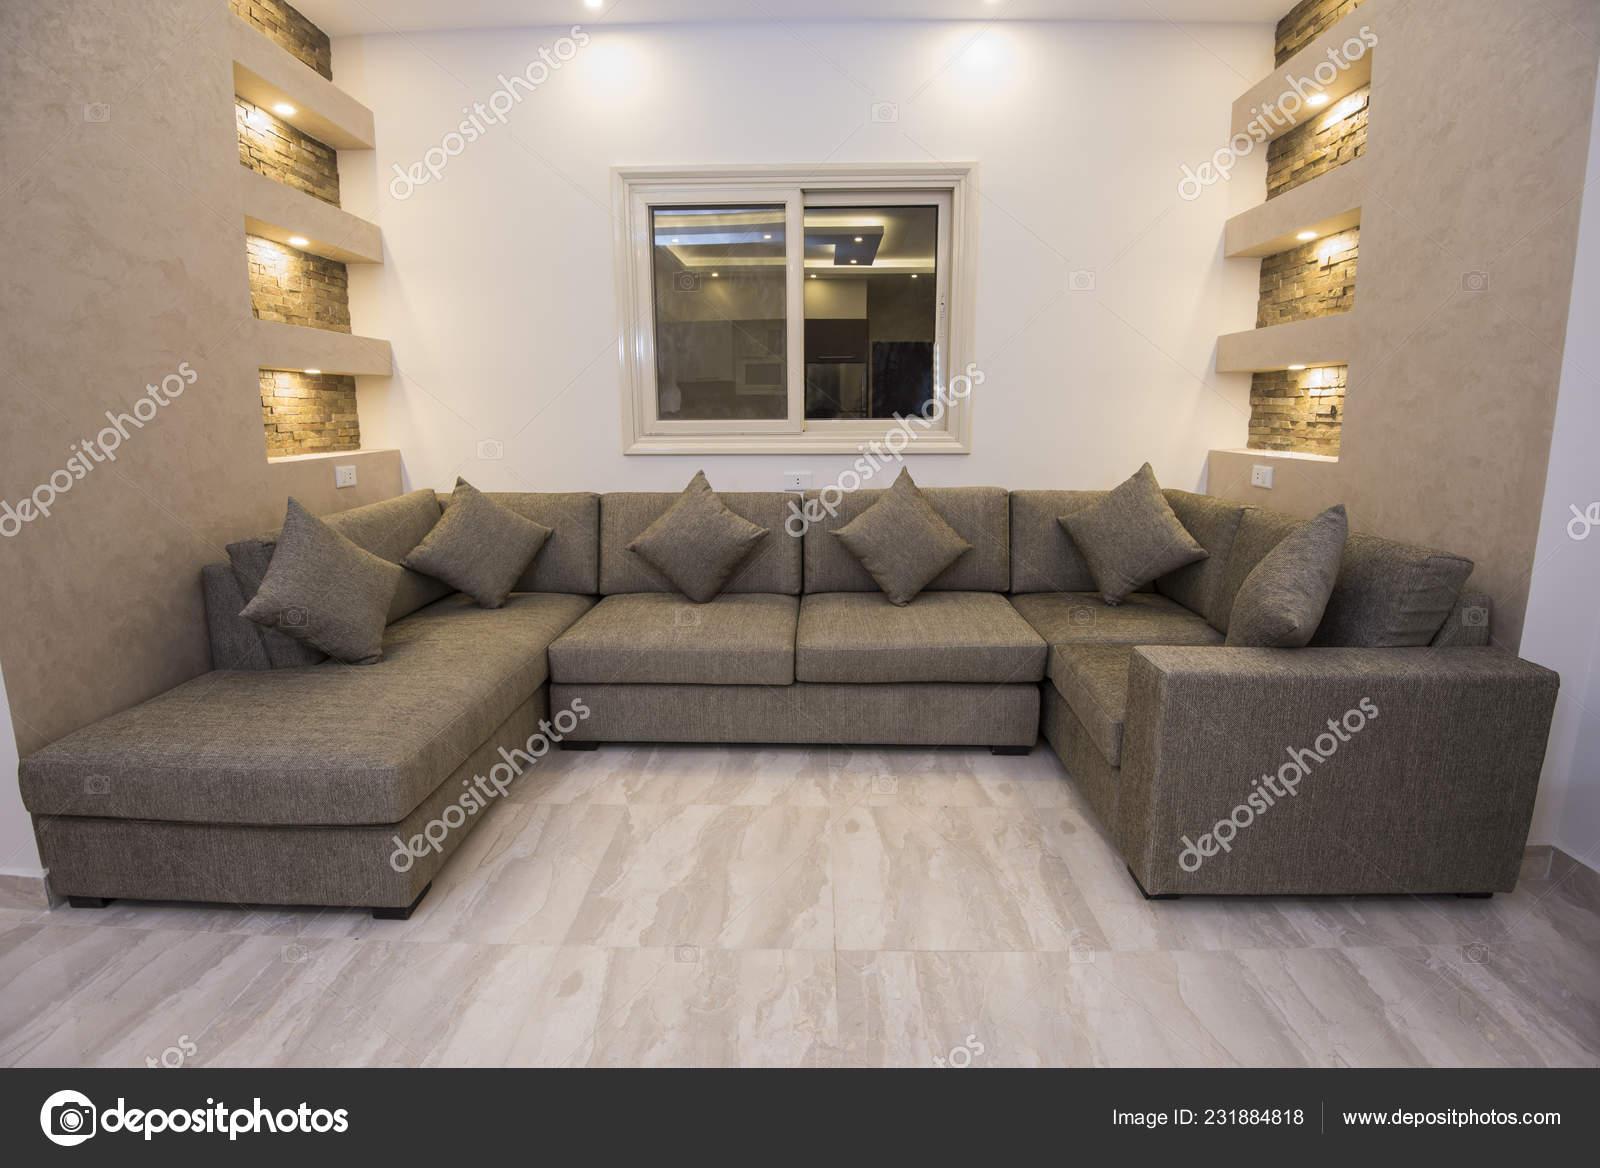 Wohnzimmer Lounge Sofa Luxus Appartement Zeigen Nach Hause ...